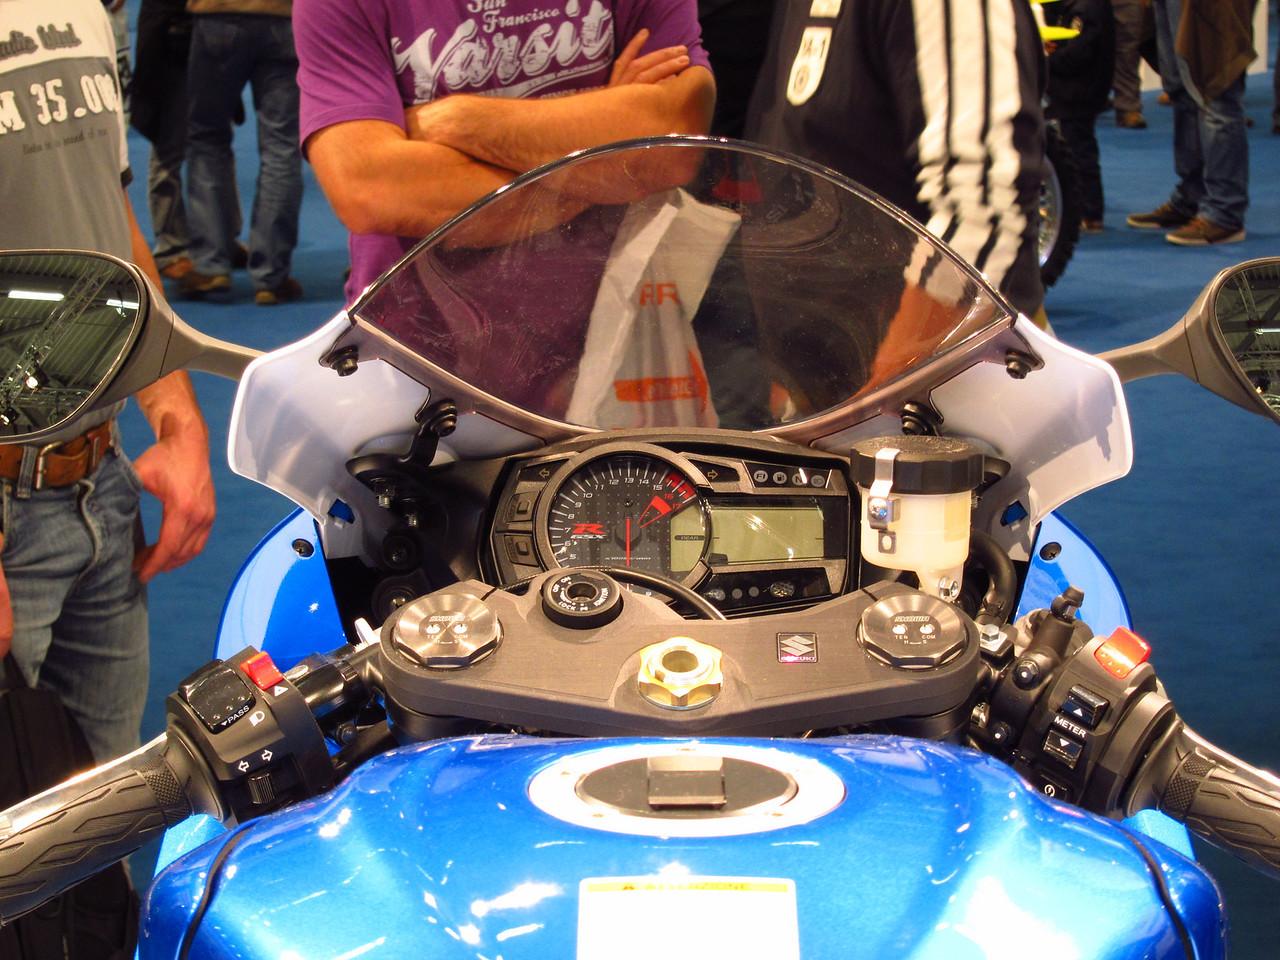 2011 SUZUKI GSX-R - Σελίδα 3 1041864365_Z8pmv-X2